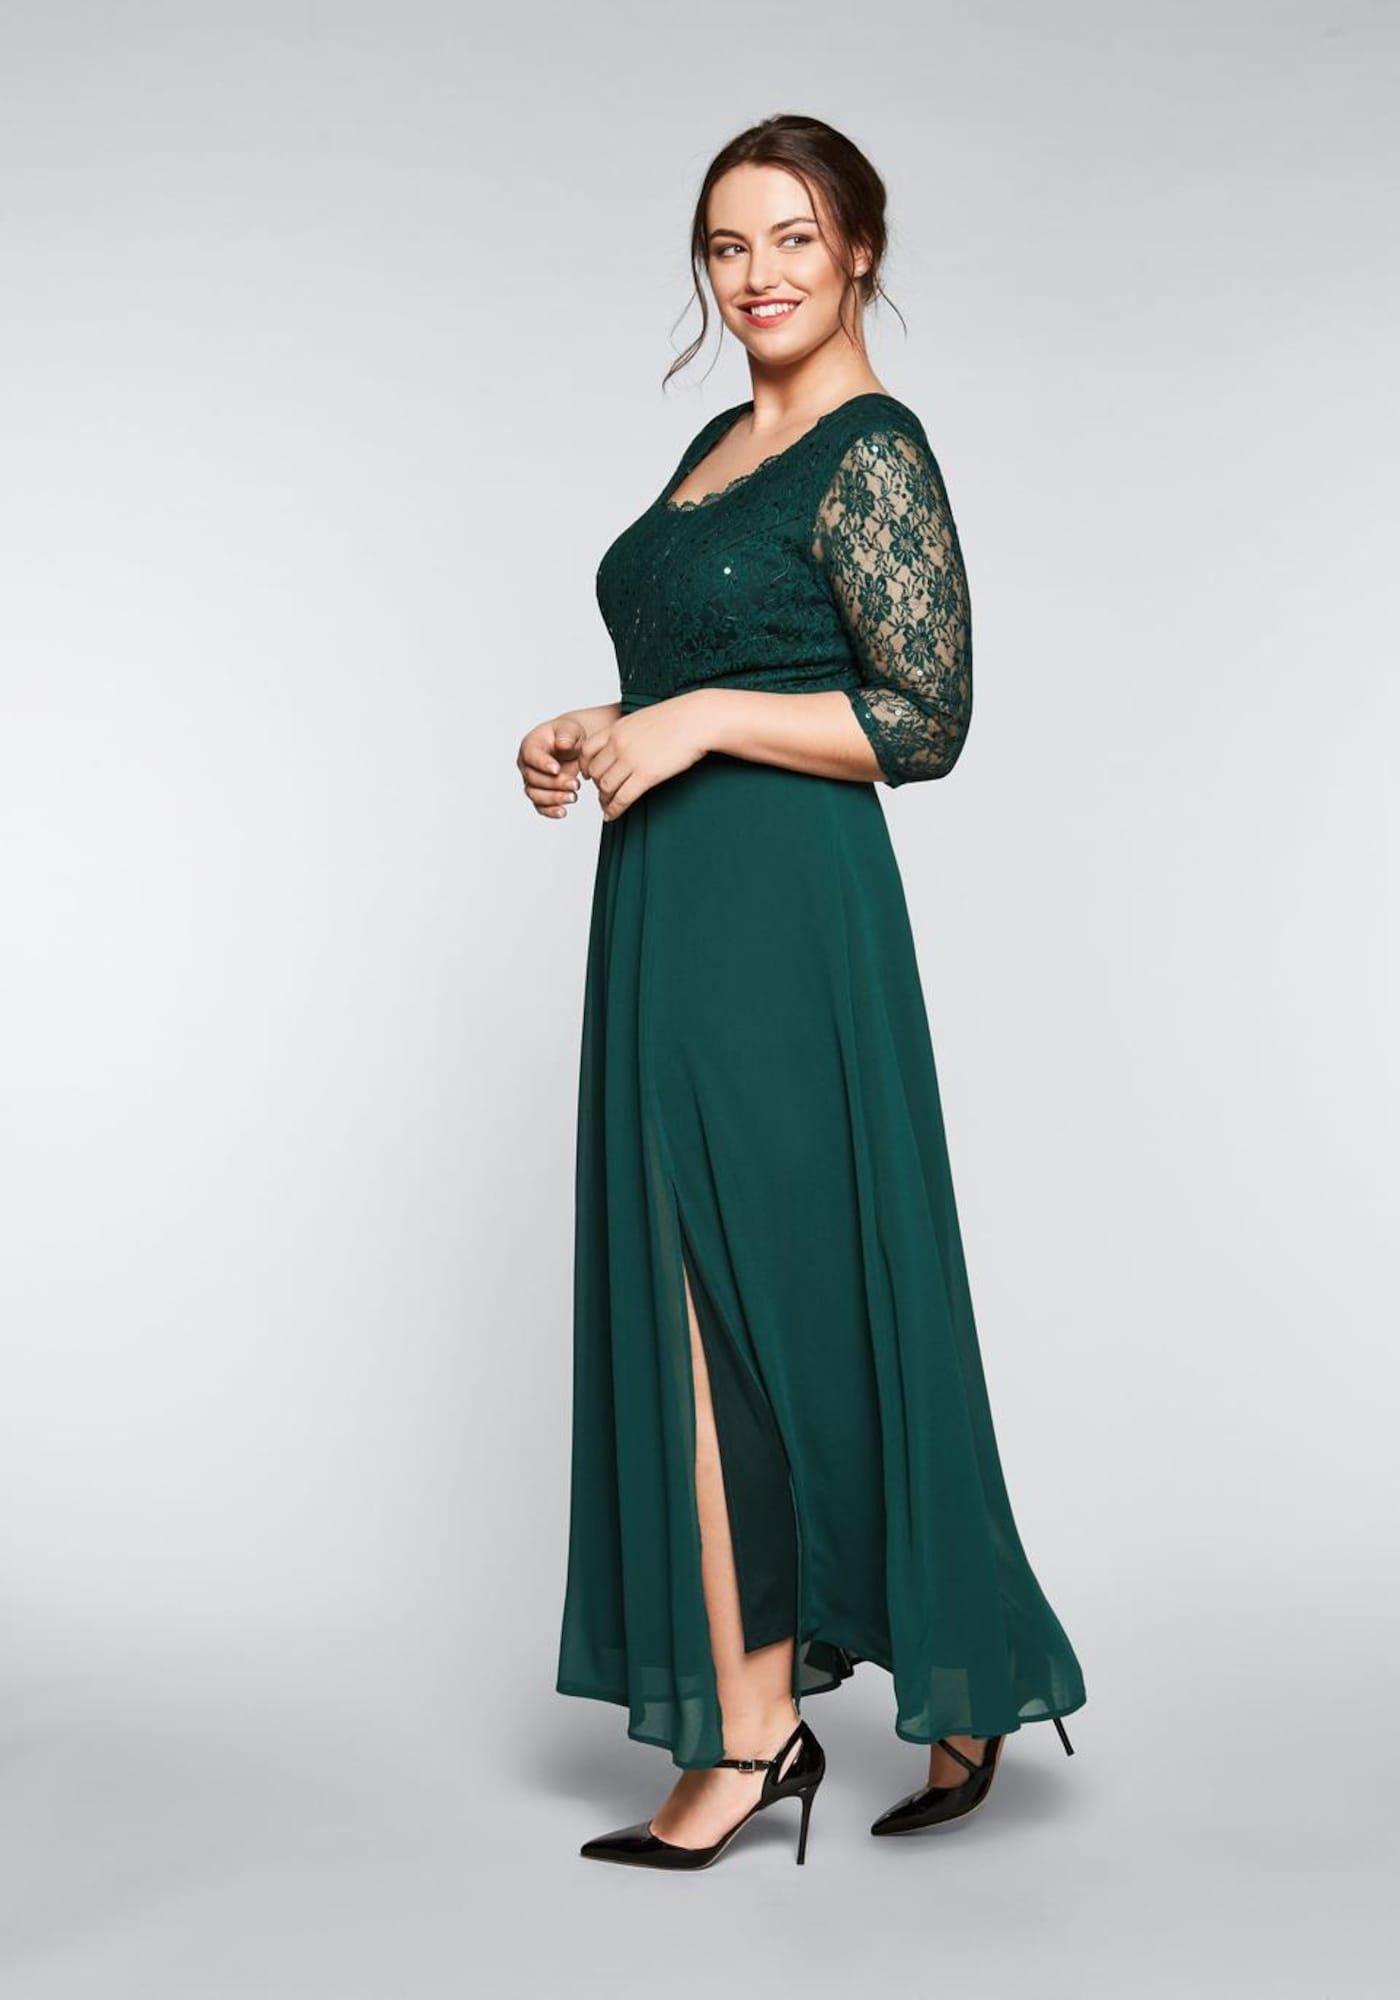 SHEEGO Abendkleid Damen, Grün, Größe 15  Abendkleid, Kleider und